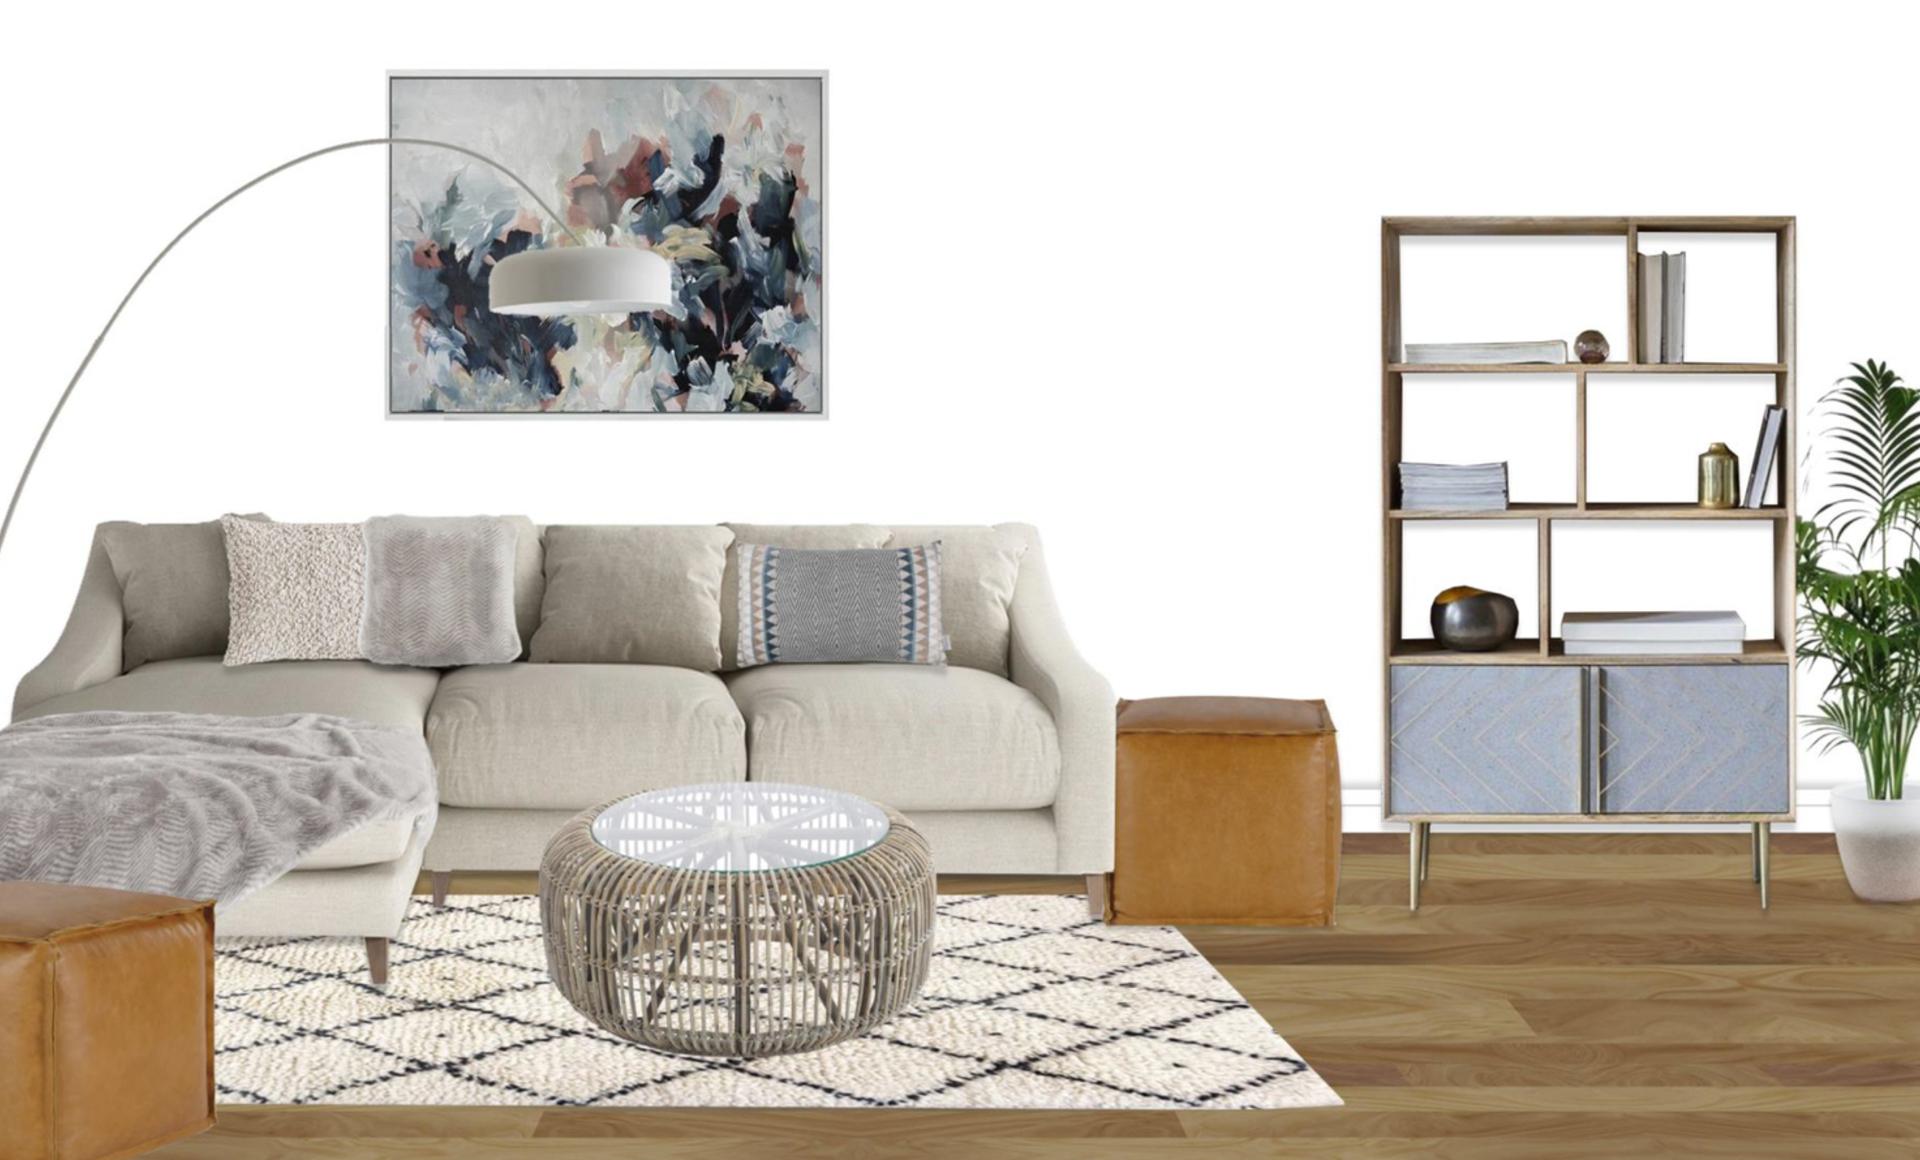 Olivia's op living dining room   final design 4